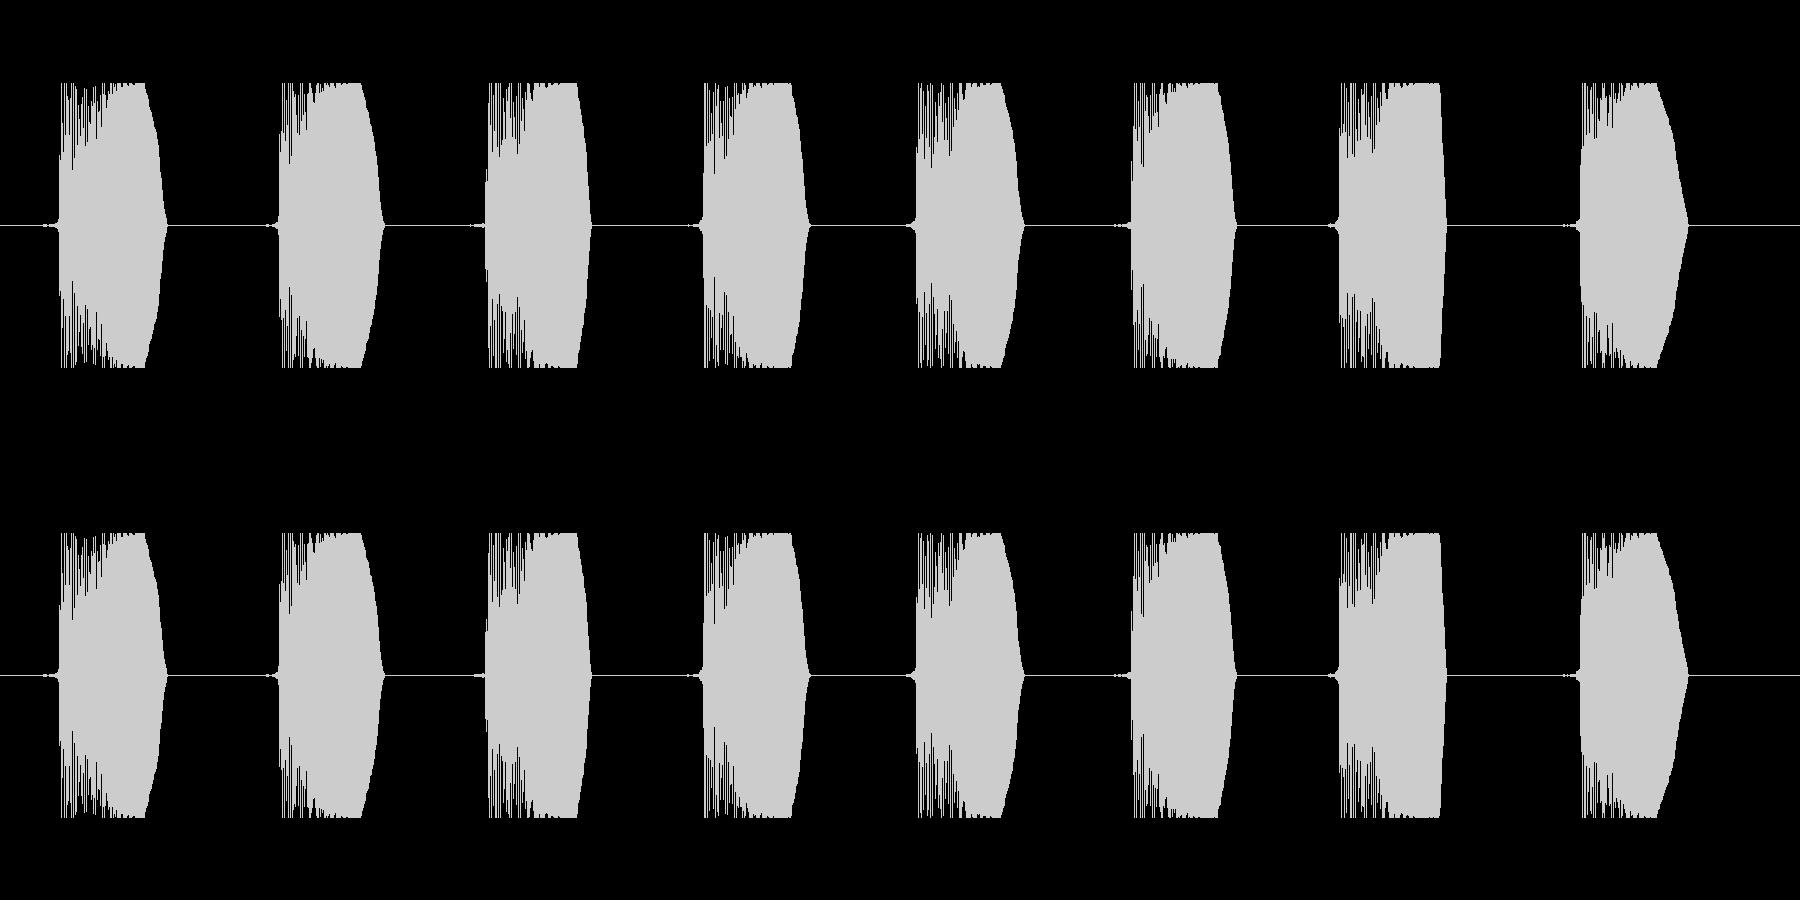 ビーム連射音 90b-2 コミカル 足音の未再生の波形